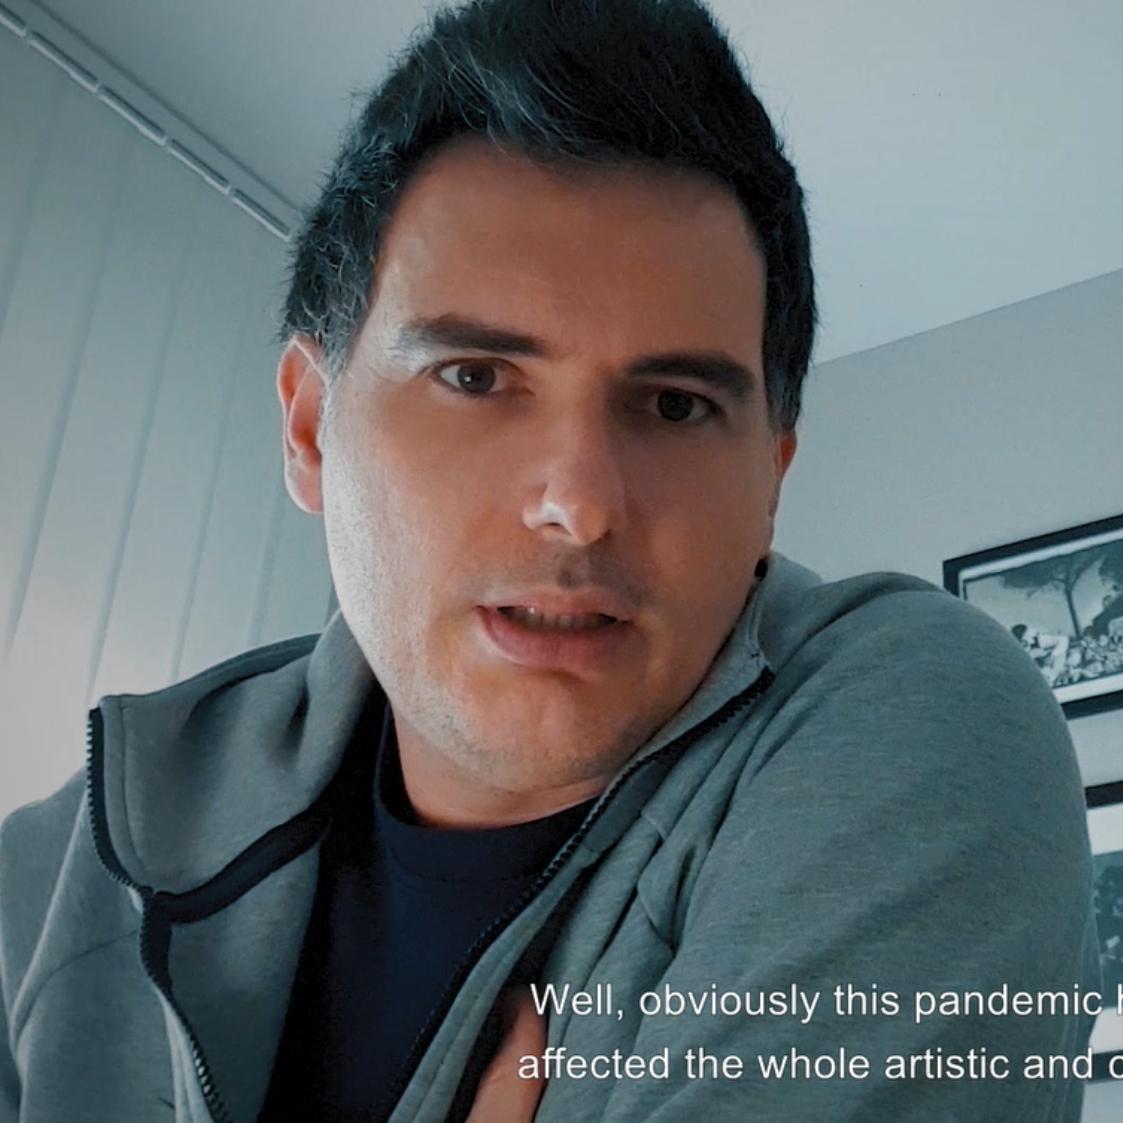 Con Carlos Piñana - Retratos en Tiempos de Pandemia